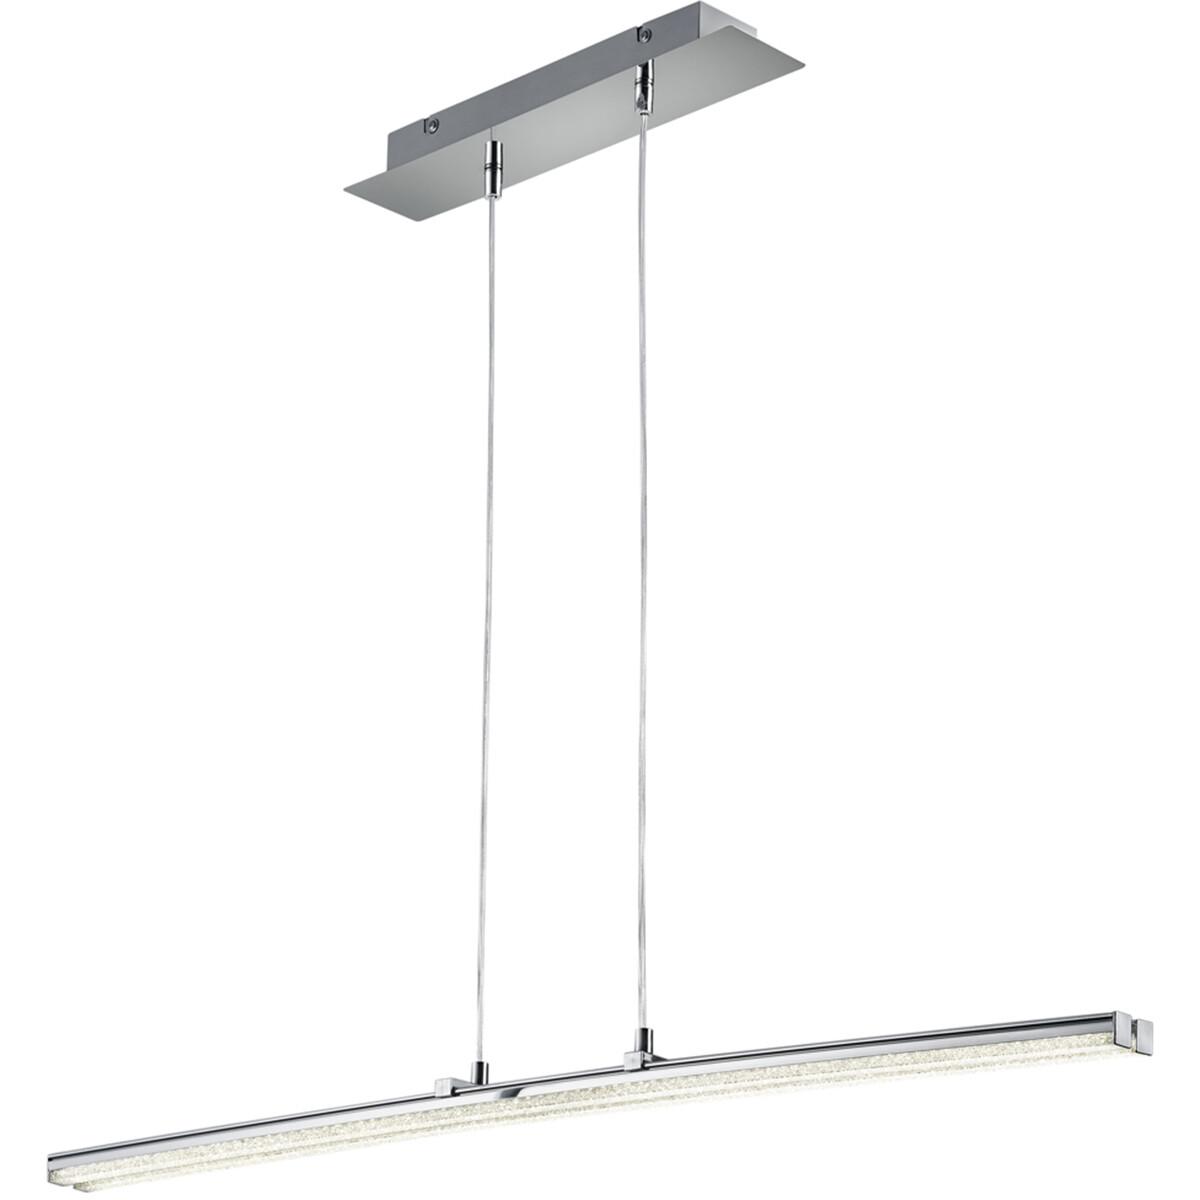 LED Hanglamp - Hangverlichting - Trion Stilo - 16W - Natuurlijk Wit 4000K - Rechthoek - Mat Chroom -